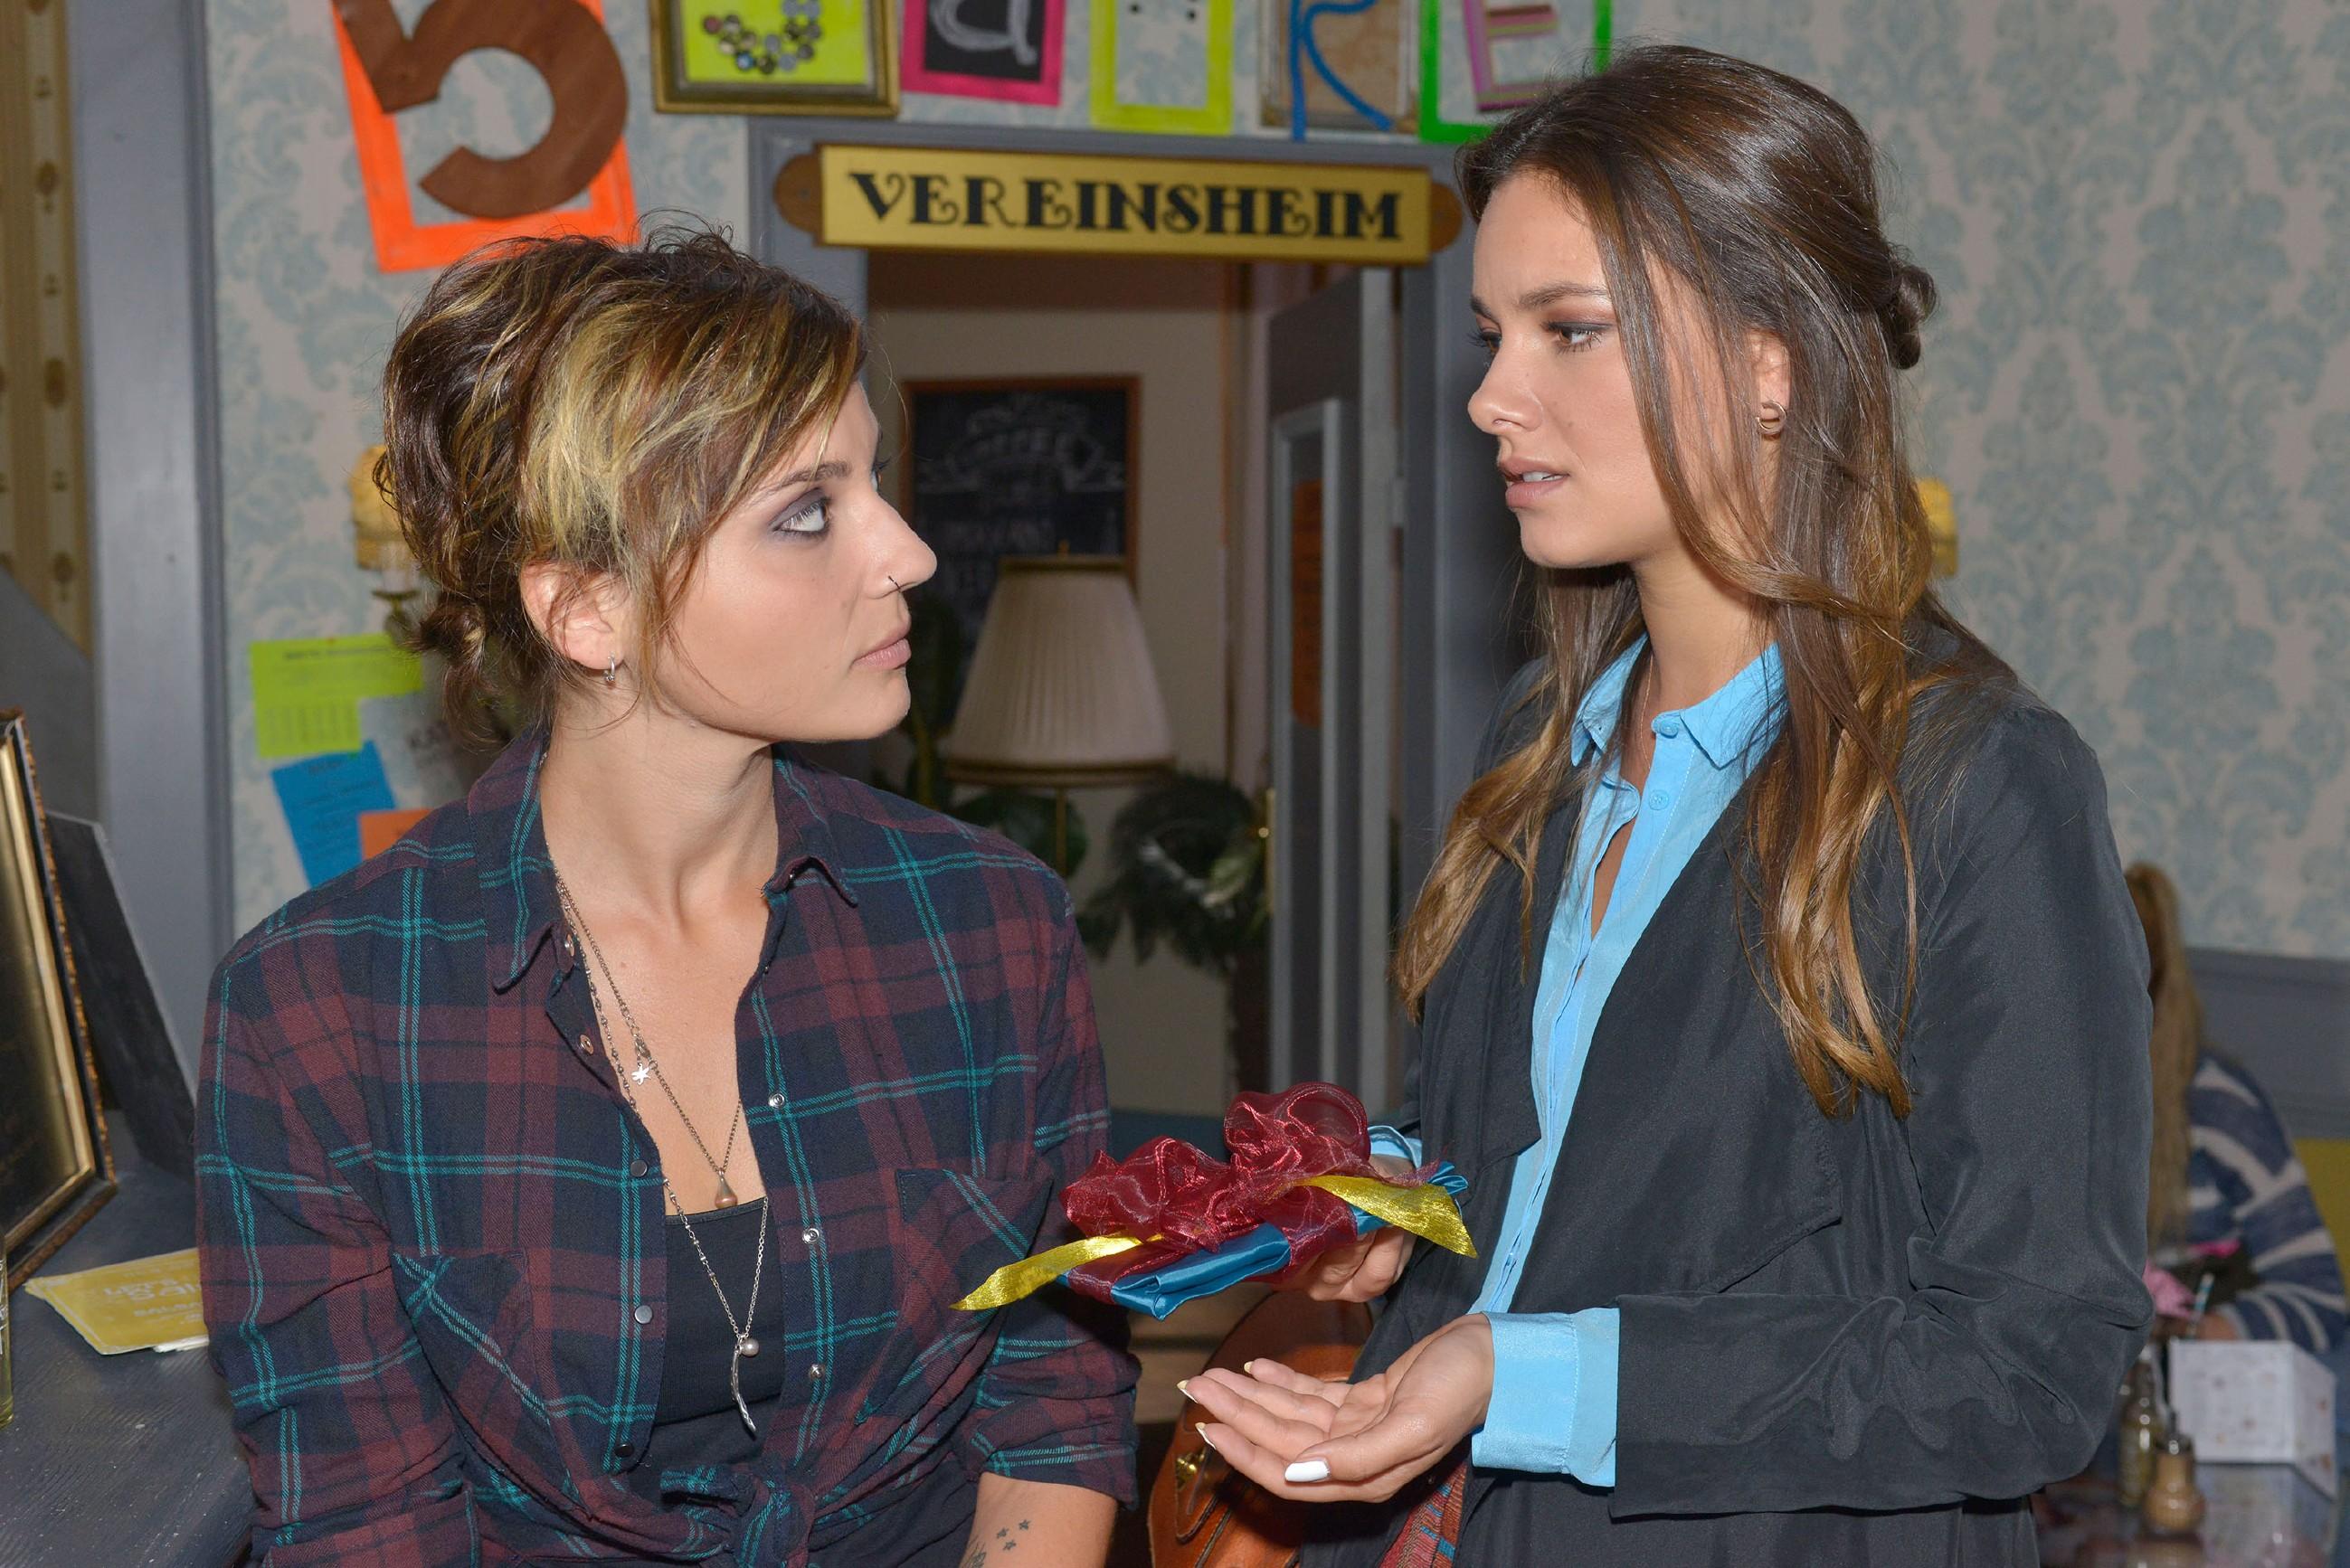 Als Jasmin (Janina Uhse, r.) Anni (Linda Marlen Runge) sehr nett zum Geburtstag gratuliert und dabei ihr unglückliches Verhältnis zueinander anspricht, stößt Anni sie vor den Kopf. (Quelle: RTL / Rolf Baumgartner)